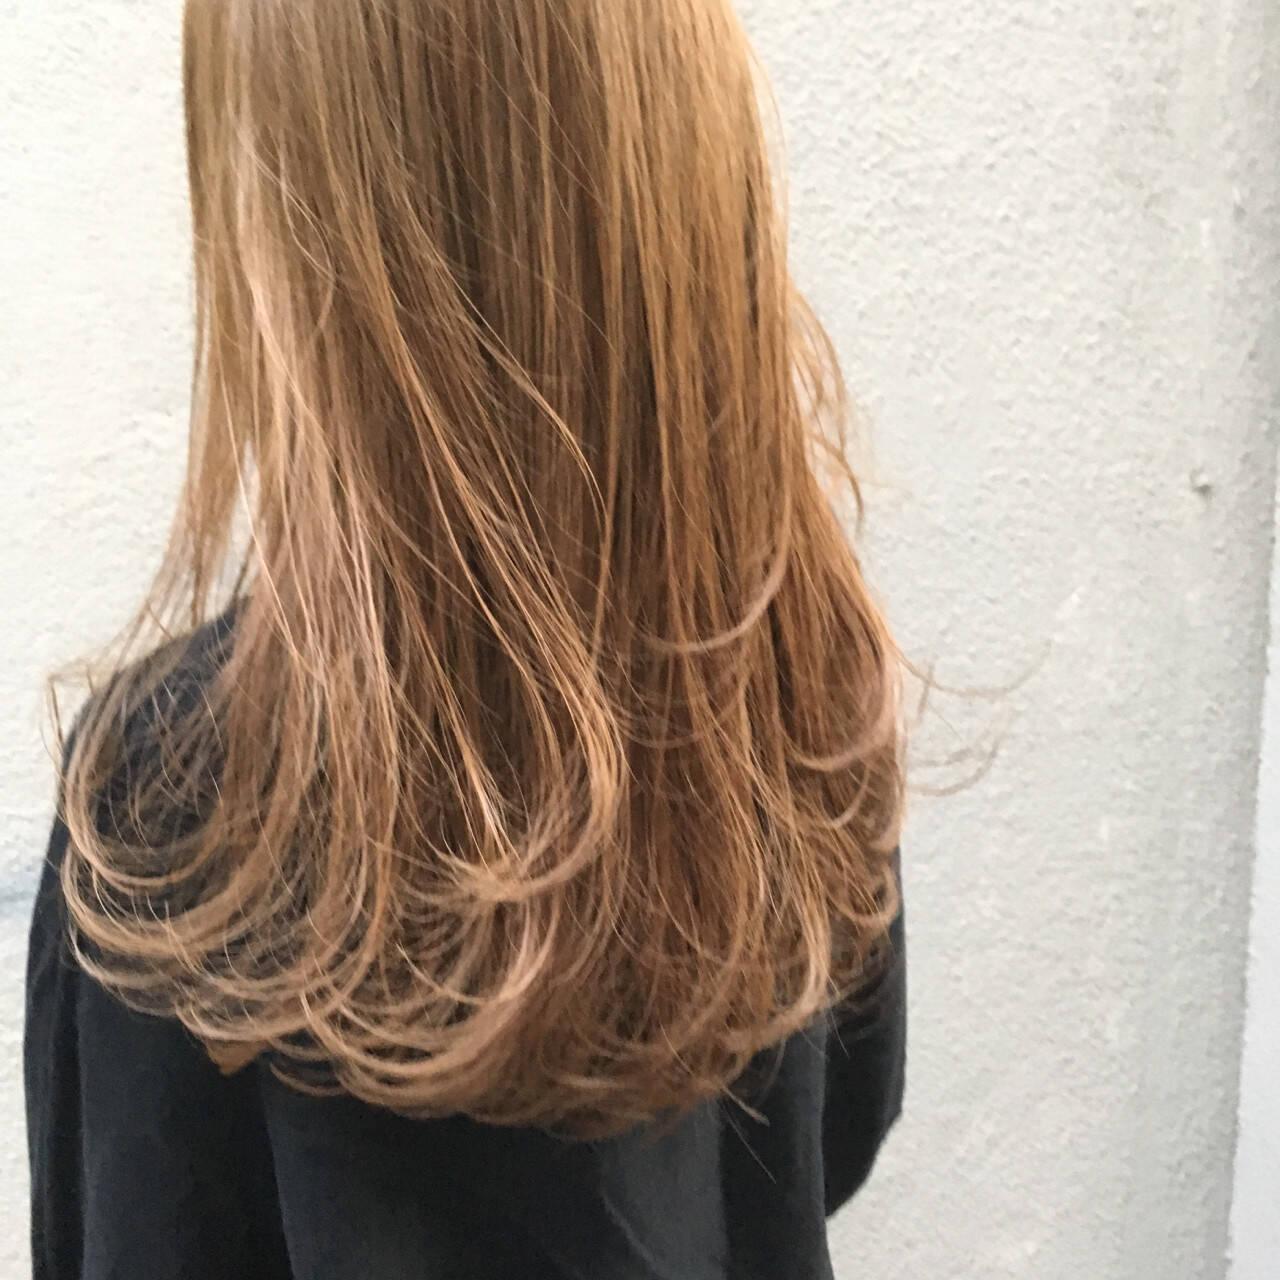 ブリーチ ハイライト ナチュラル ベージュヘアスタイルや髪型の写真・画像